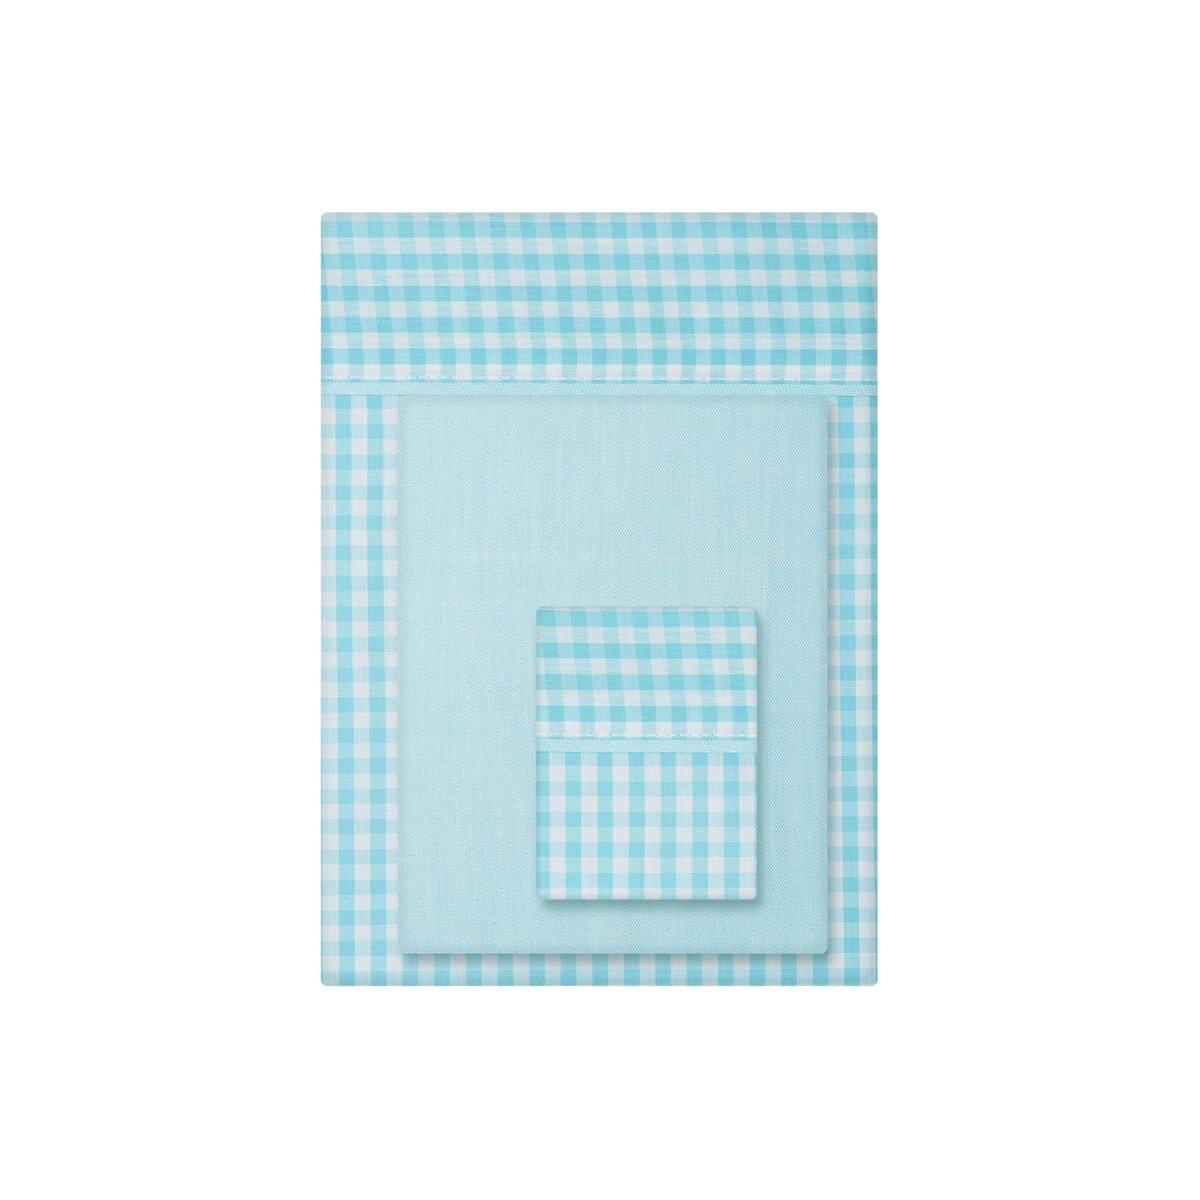 Juego de Sábanas 3 piezas para Cuna (60 x 120 cm.) Cotton Juice Baby Home con estampado turquesa